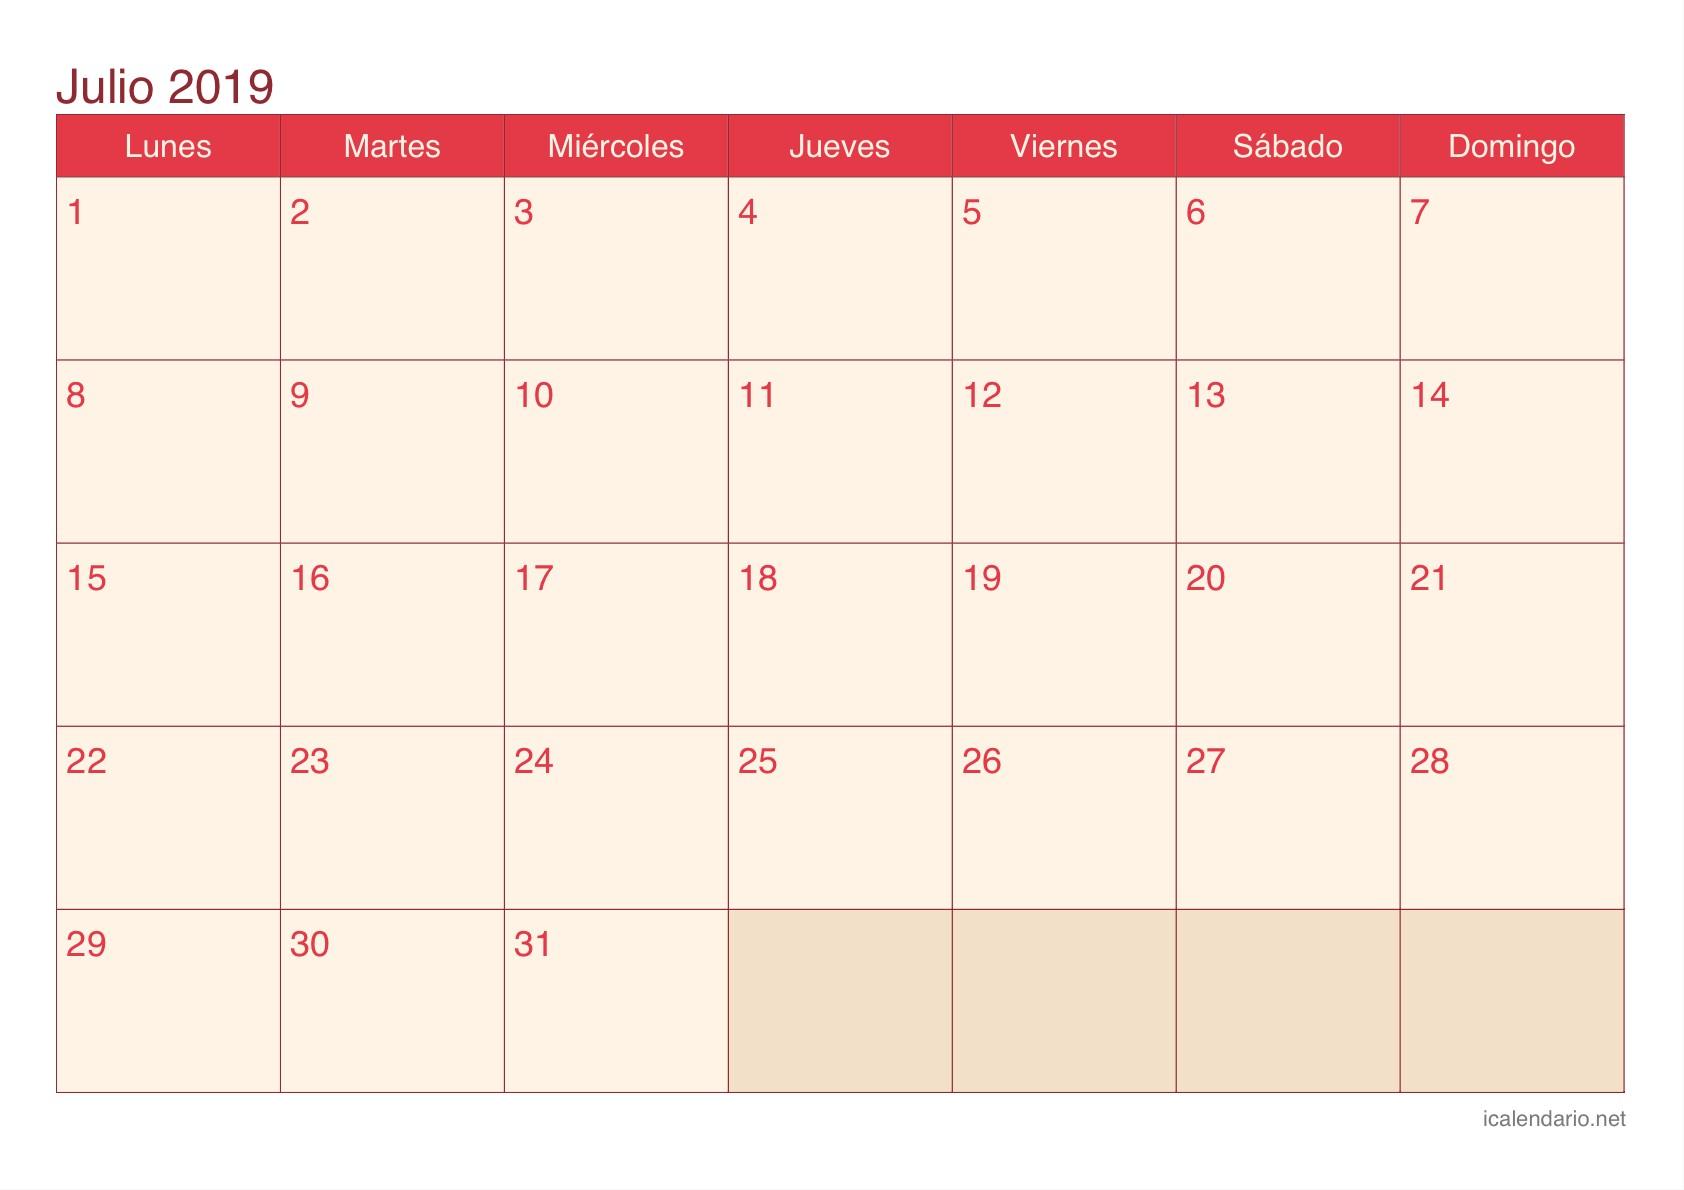 Bahrain Pavilion Guide calendario julio agosto septiembre 2019